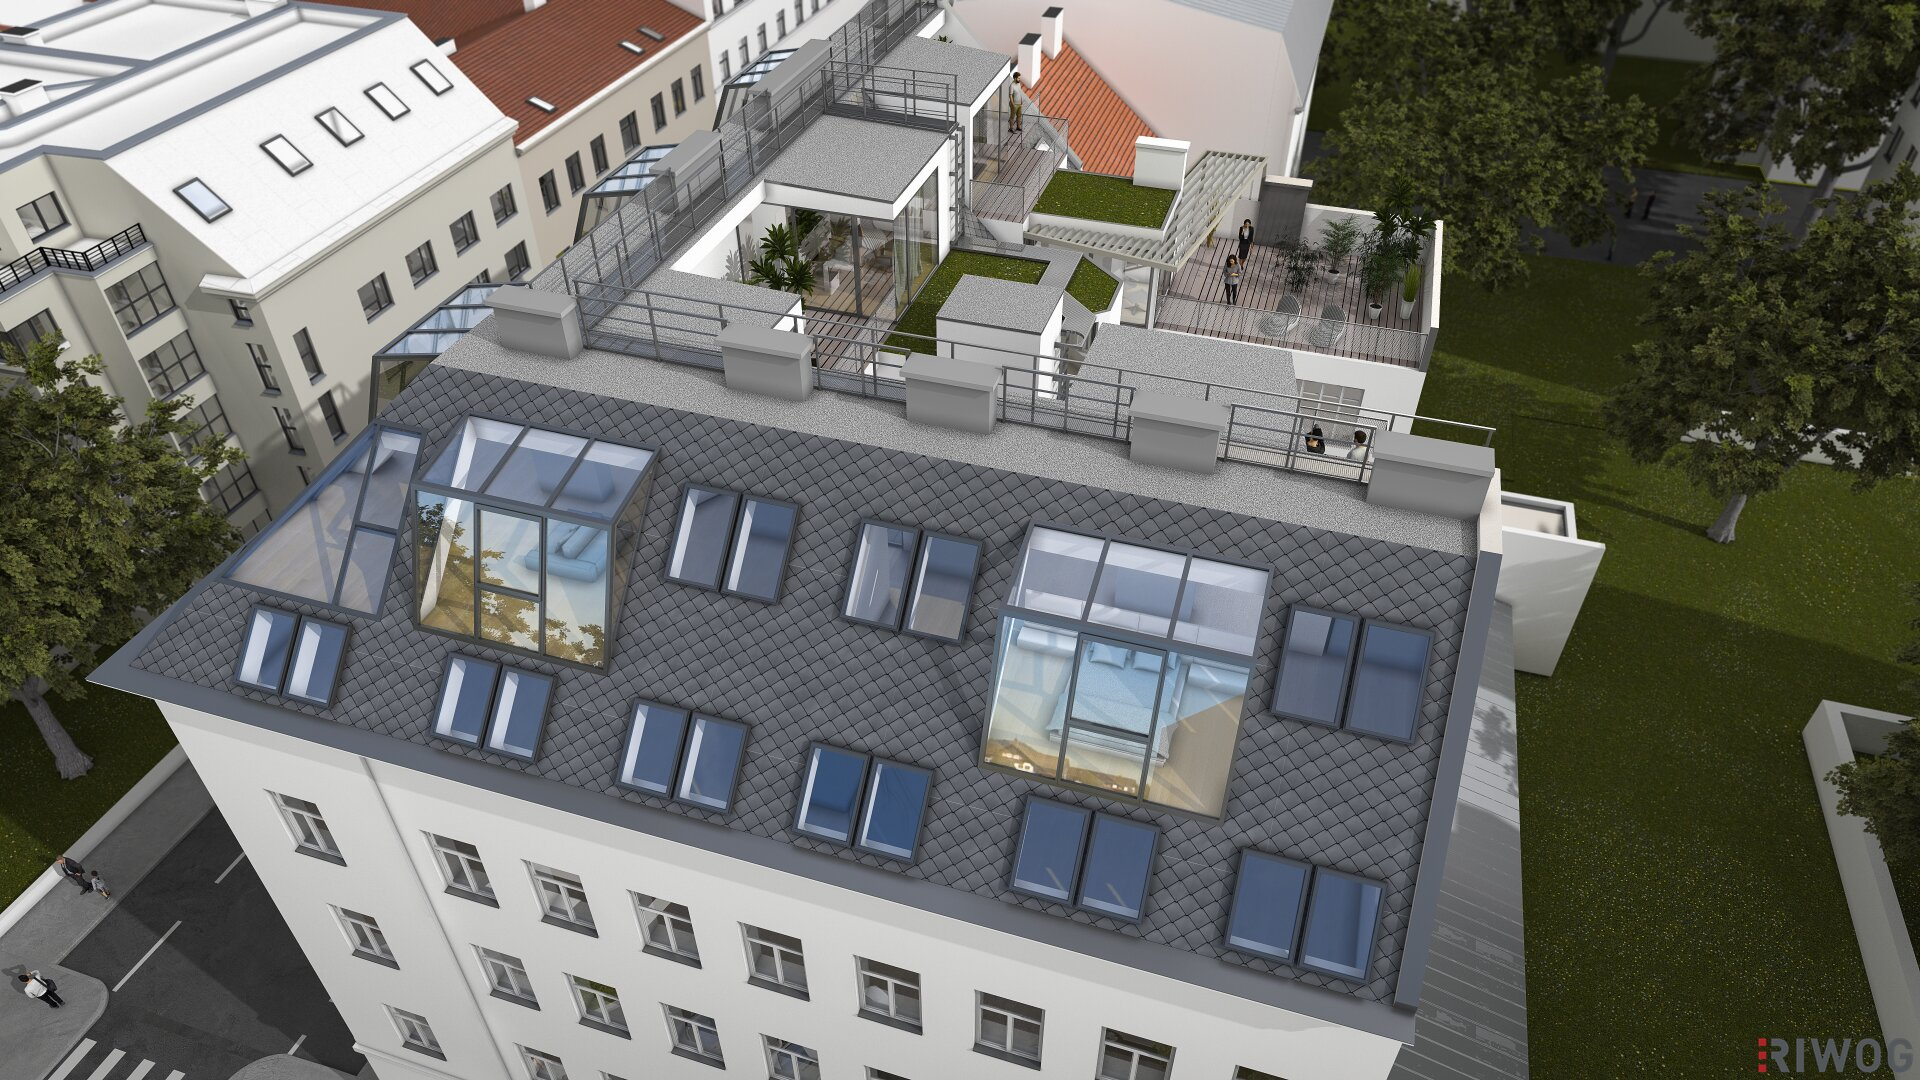 SKYLINE 16 - Dachgeschosswohnungen auf höchstem Niveau mit großzügigen Außenflächen (Projektansicht)